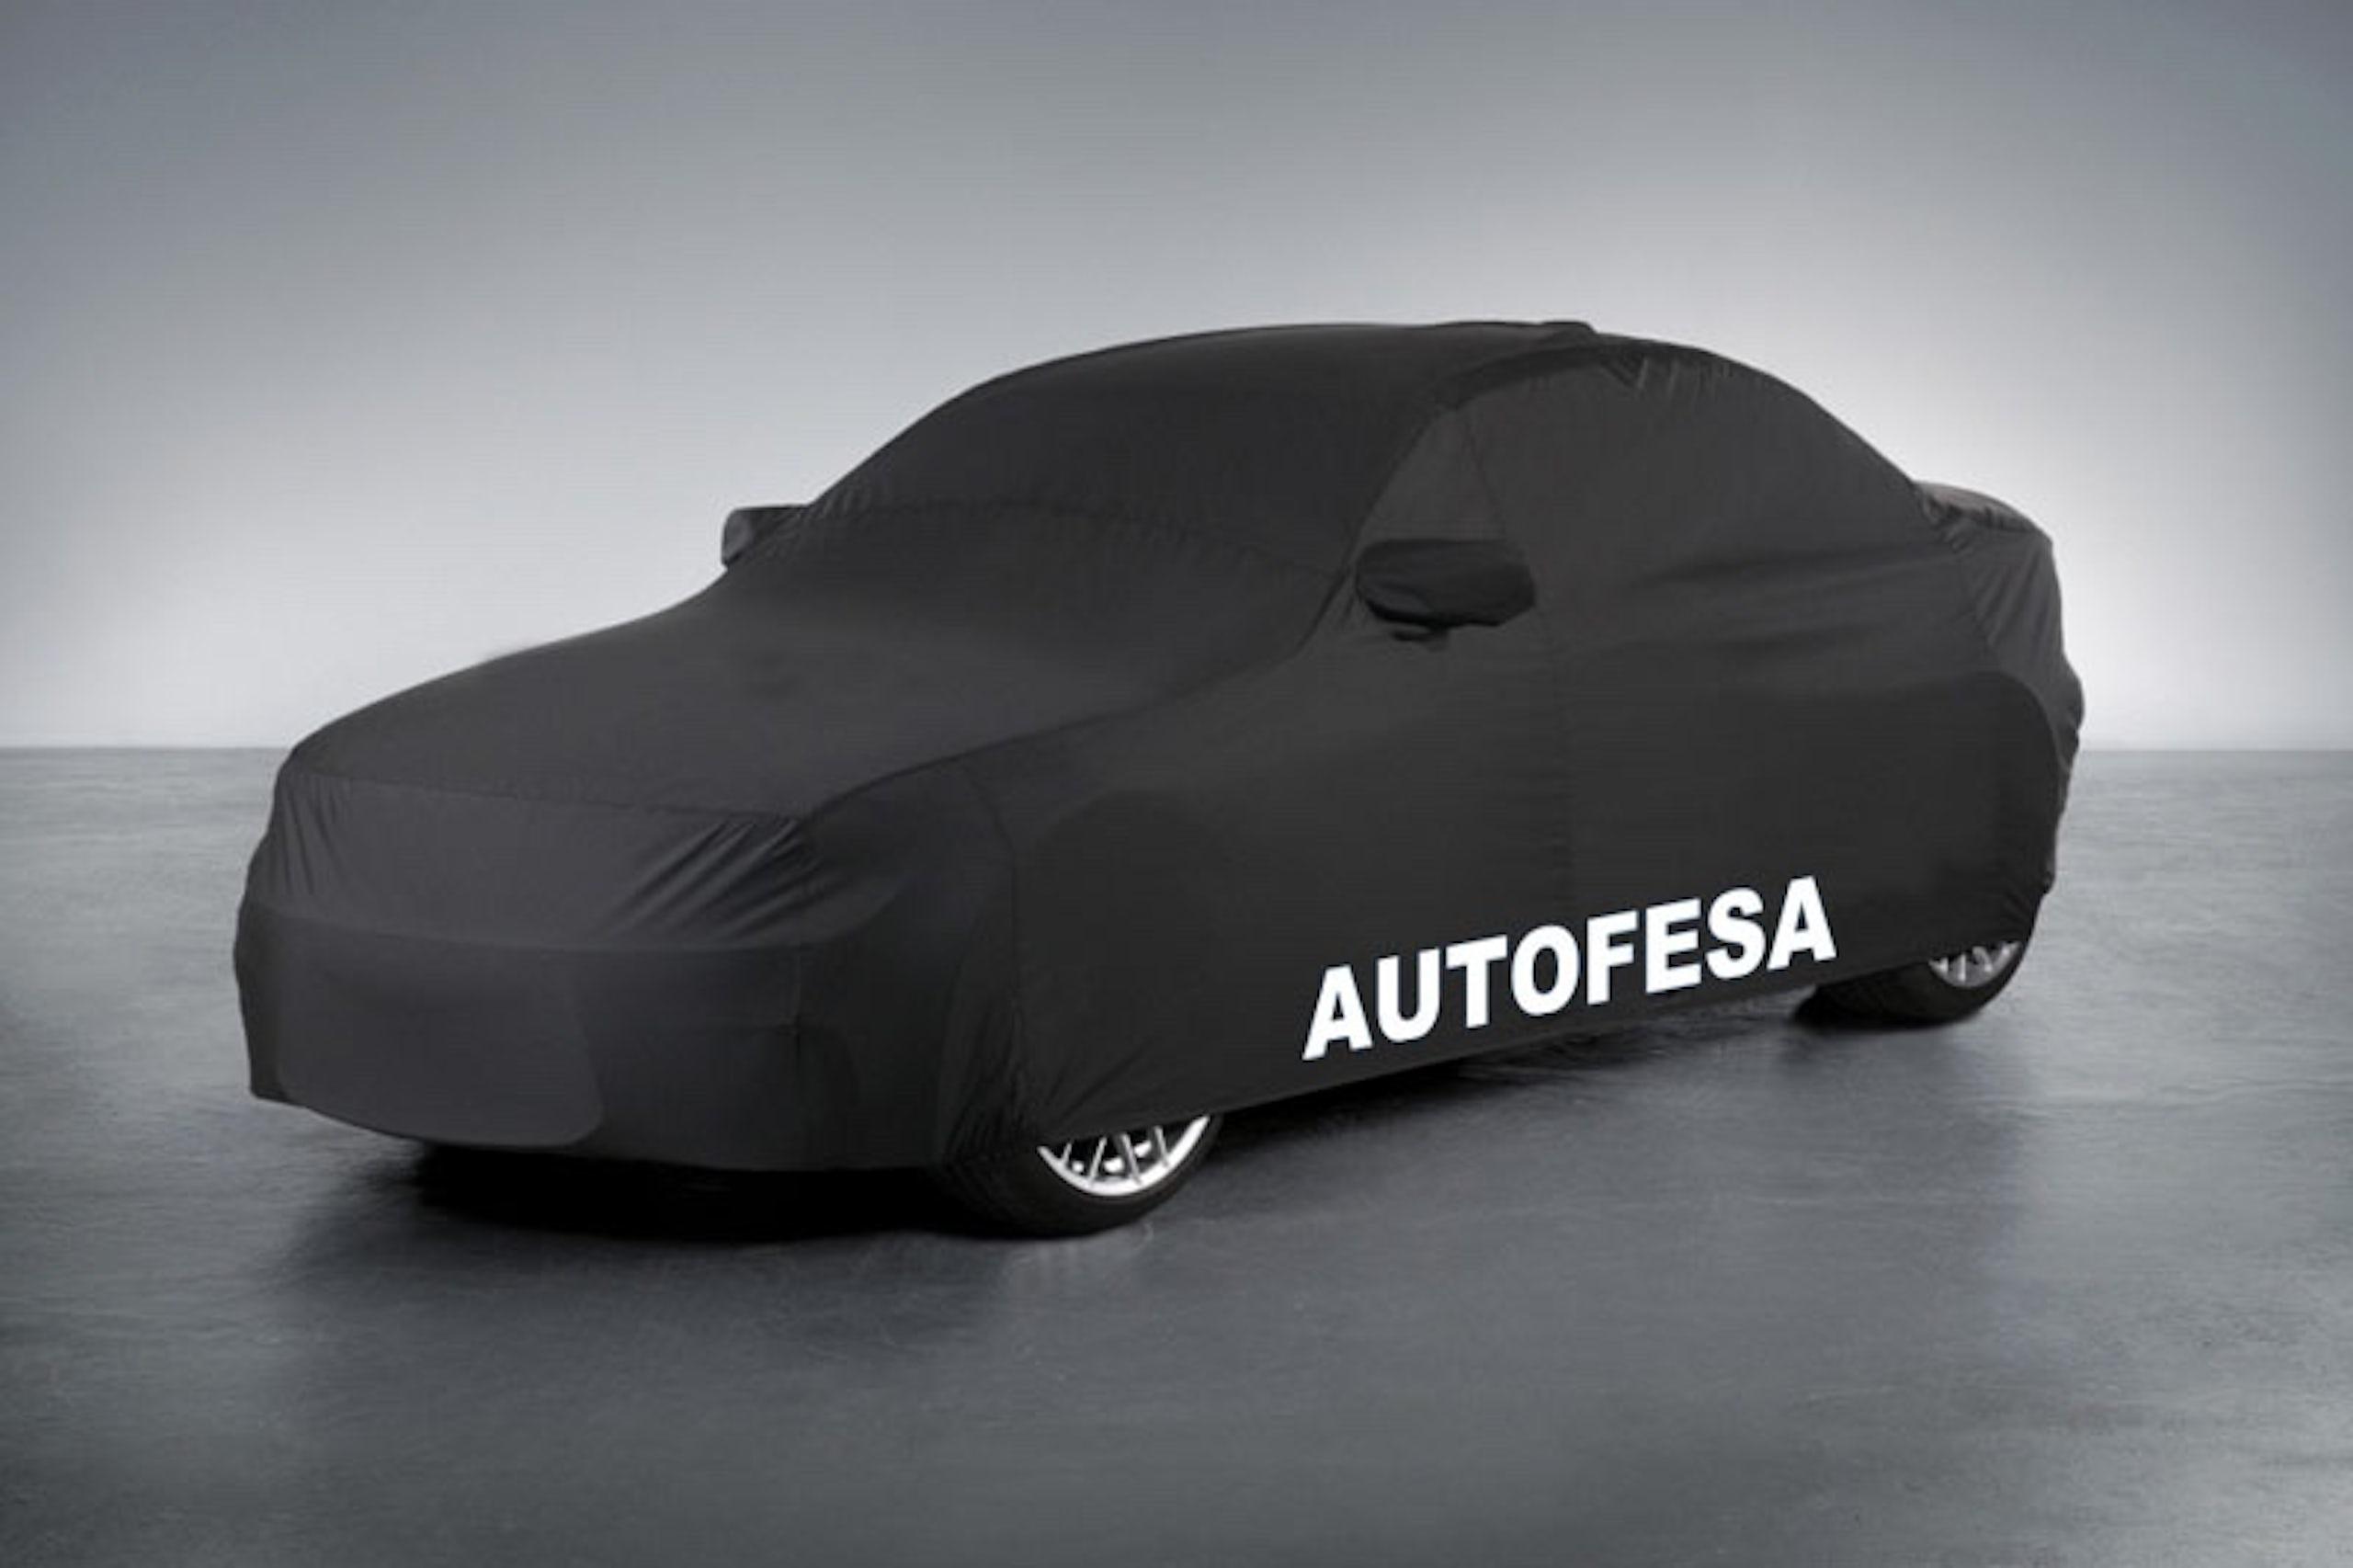 Audi A6 3.0 TDI AVANT 272cv quattro 4p S tronic Auto S/S - Foto 28